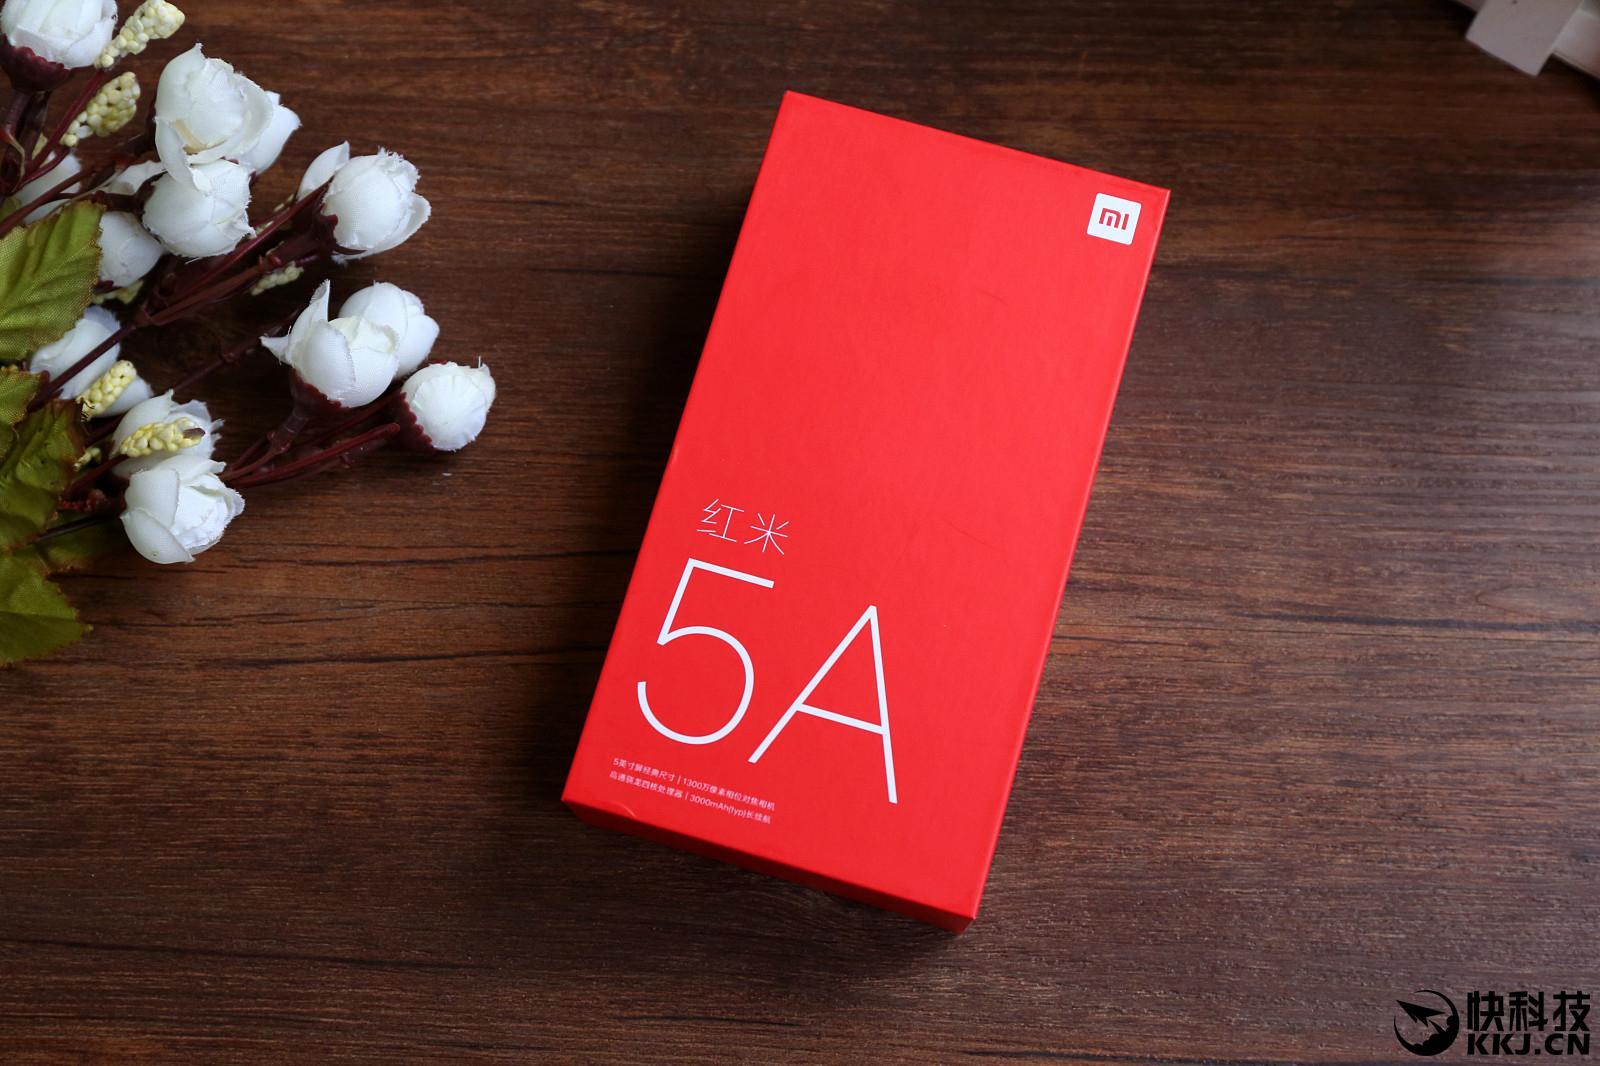 红米5a怎么样 599元超高性价比